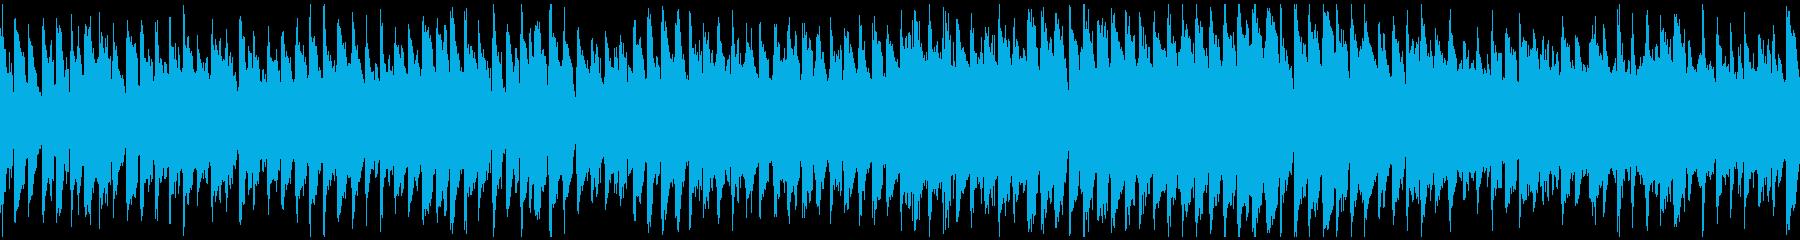 明るいリコーダー・ポップ ※ループ仕様版の再生済みの波形